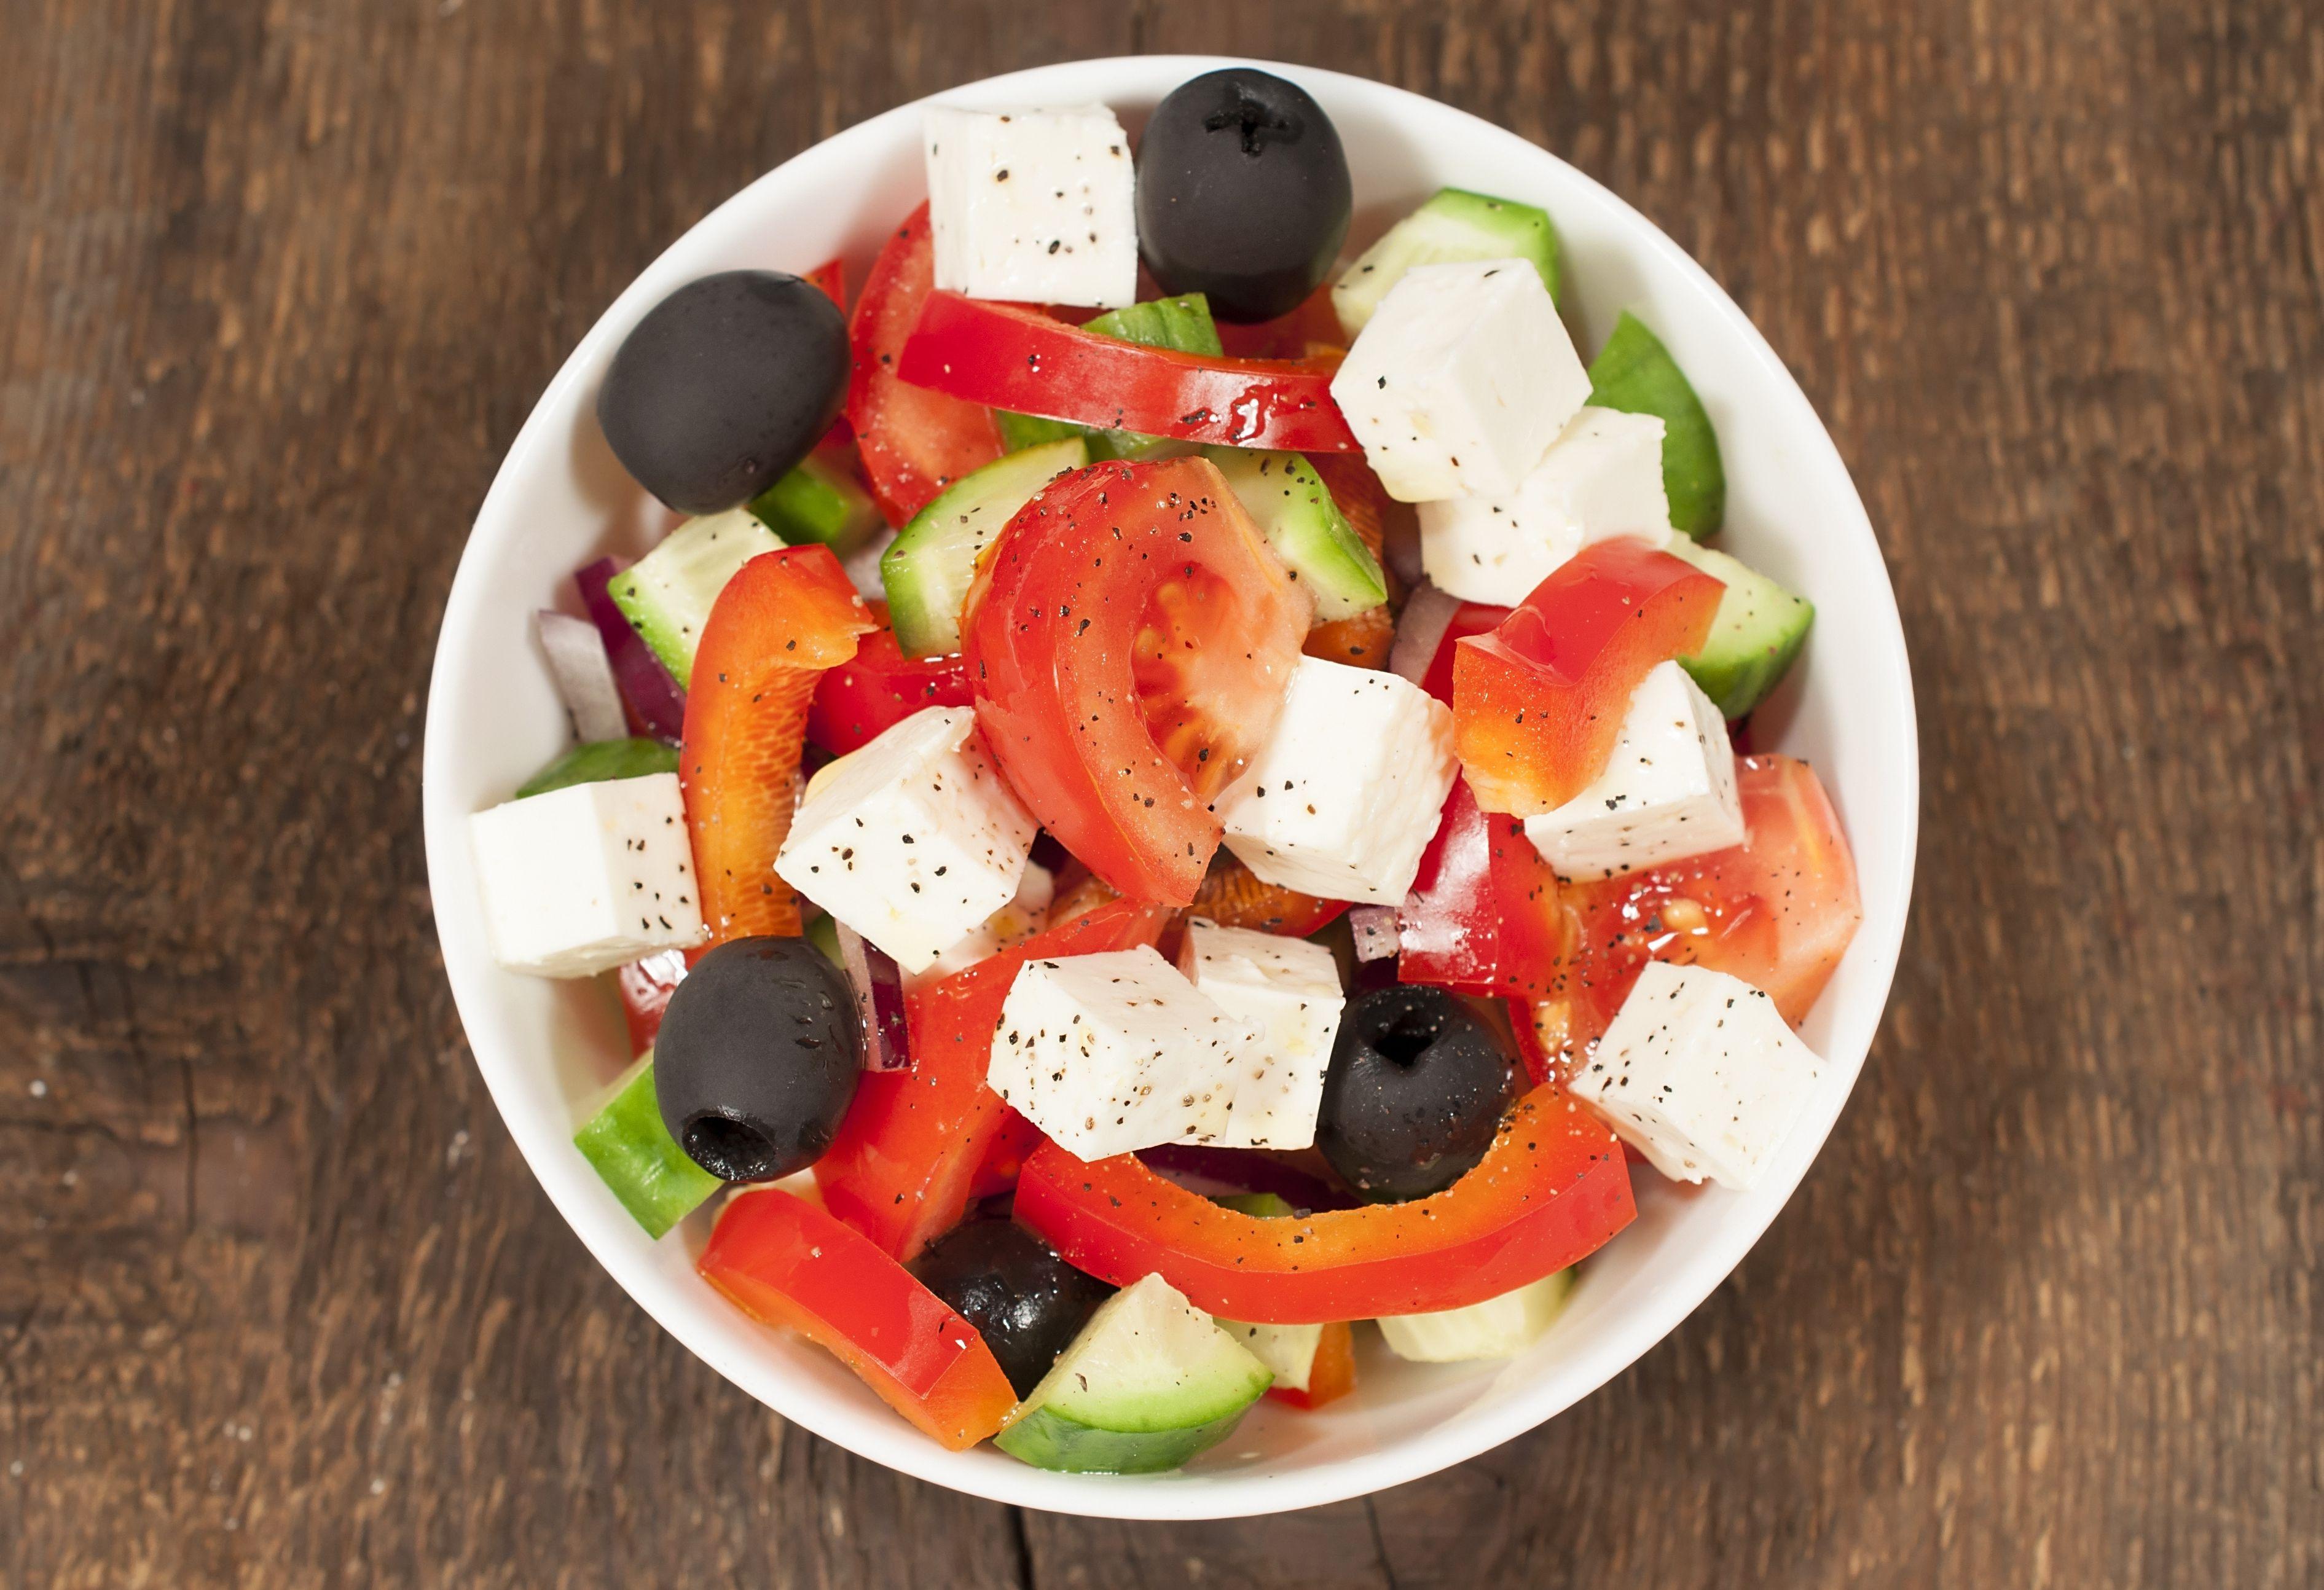 Los beneficios de seguir una dieta mediterránea - Fundación Banmédica - Isapre Vida Tres